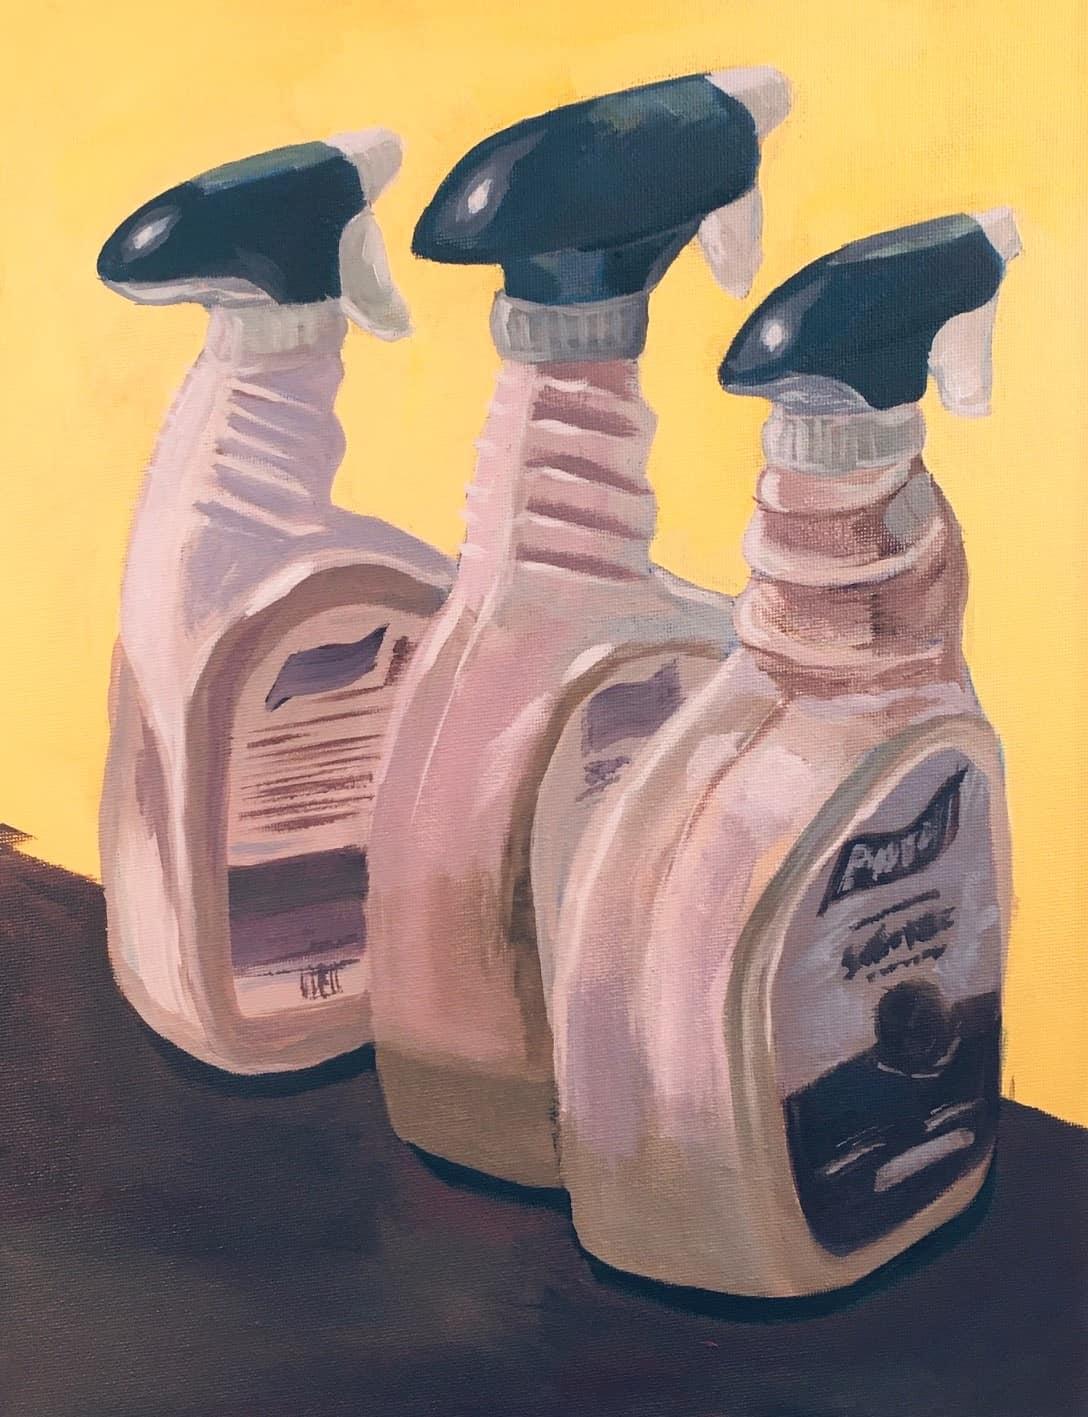 Sanitation Spray Bottles